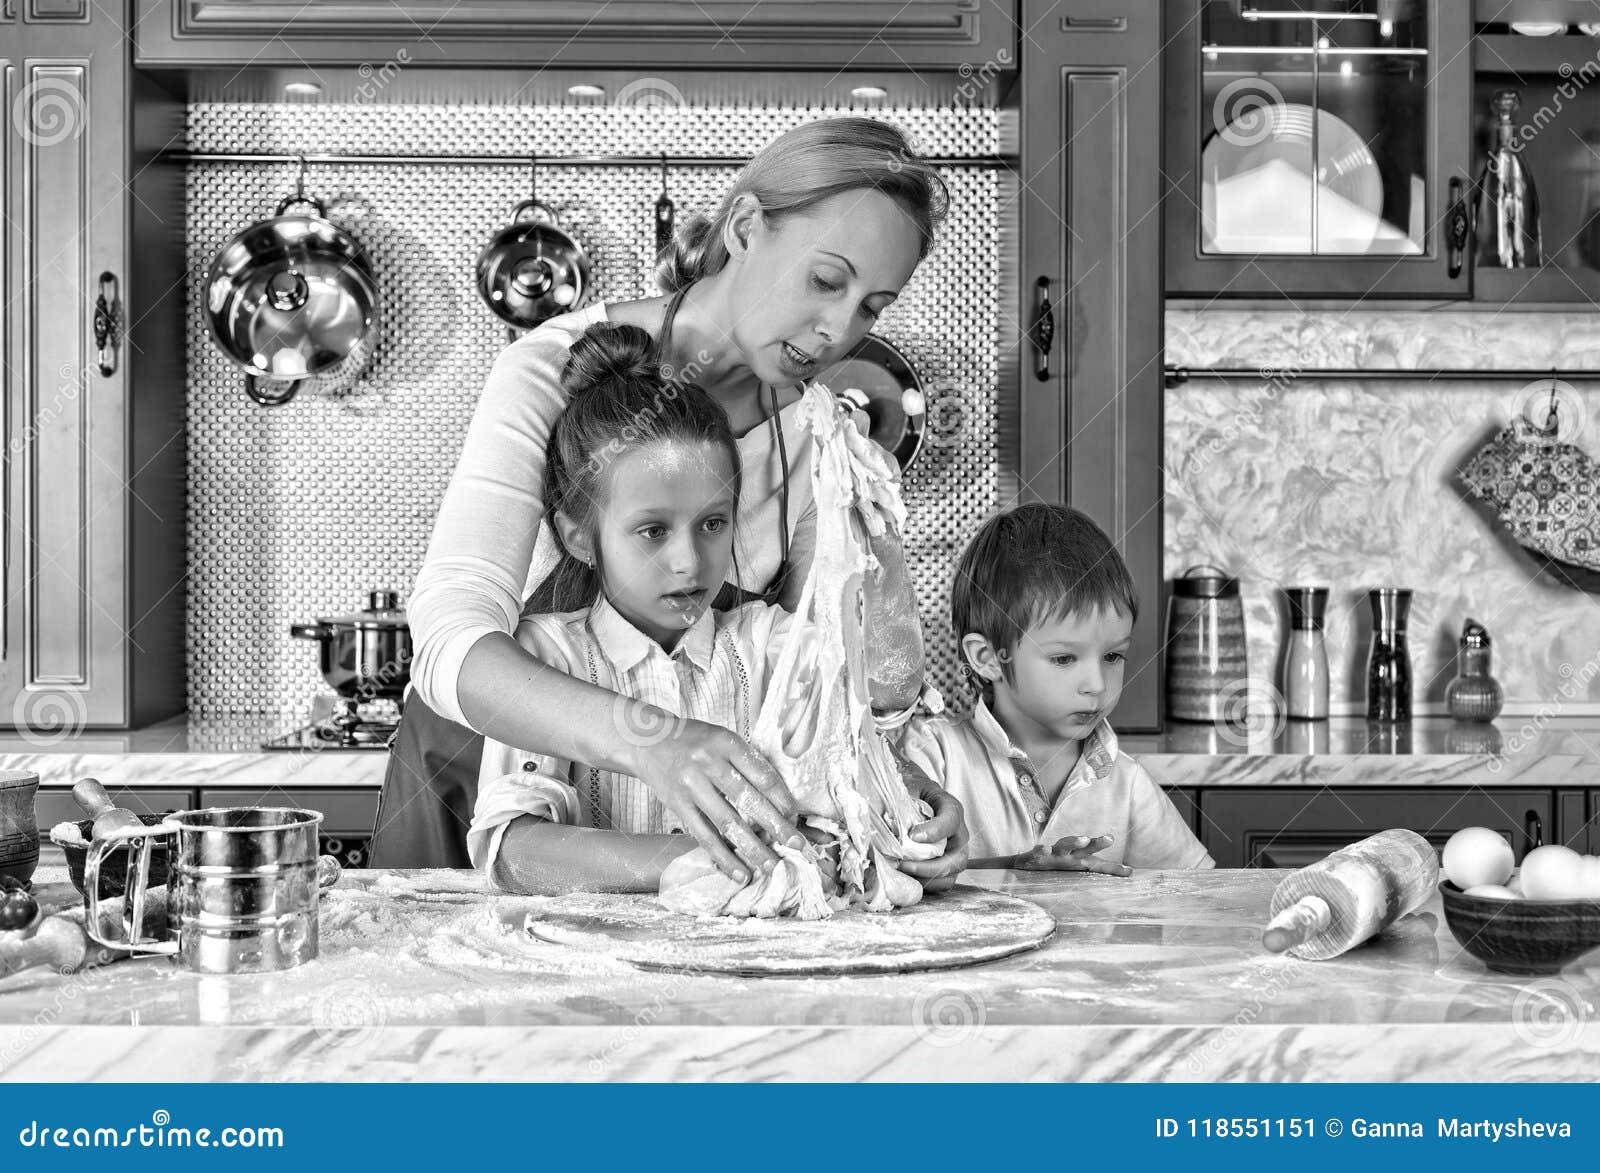 μαύρο λευκό μητέρα s ημέρας μητέρα, μαγείρεμα, ζύμη, προετοιμασία, ψήσιμο, παιδιά στο σπίτι, κουζίνα διασκέδαση πατέρων παιδιών π